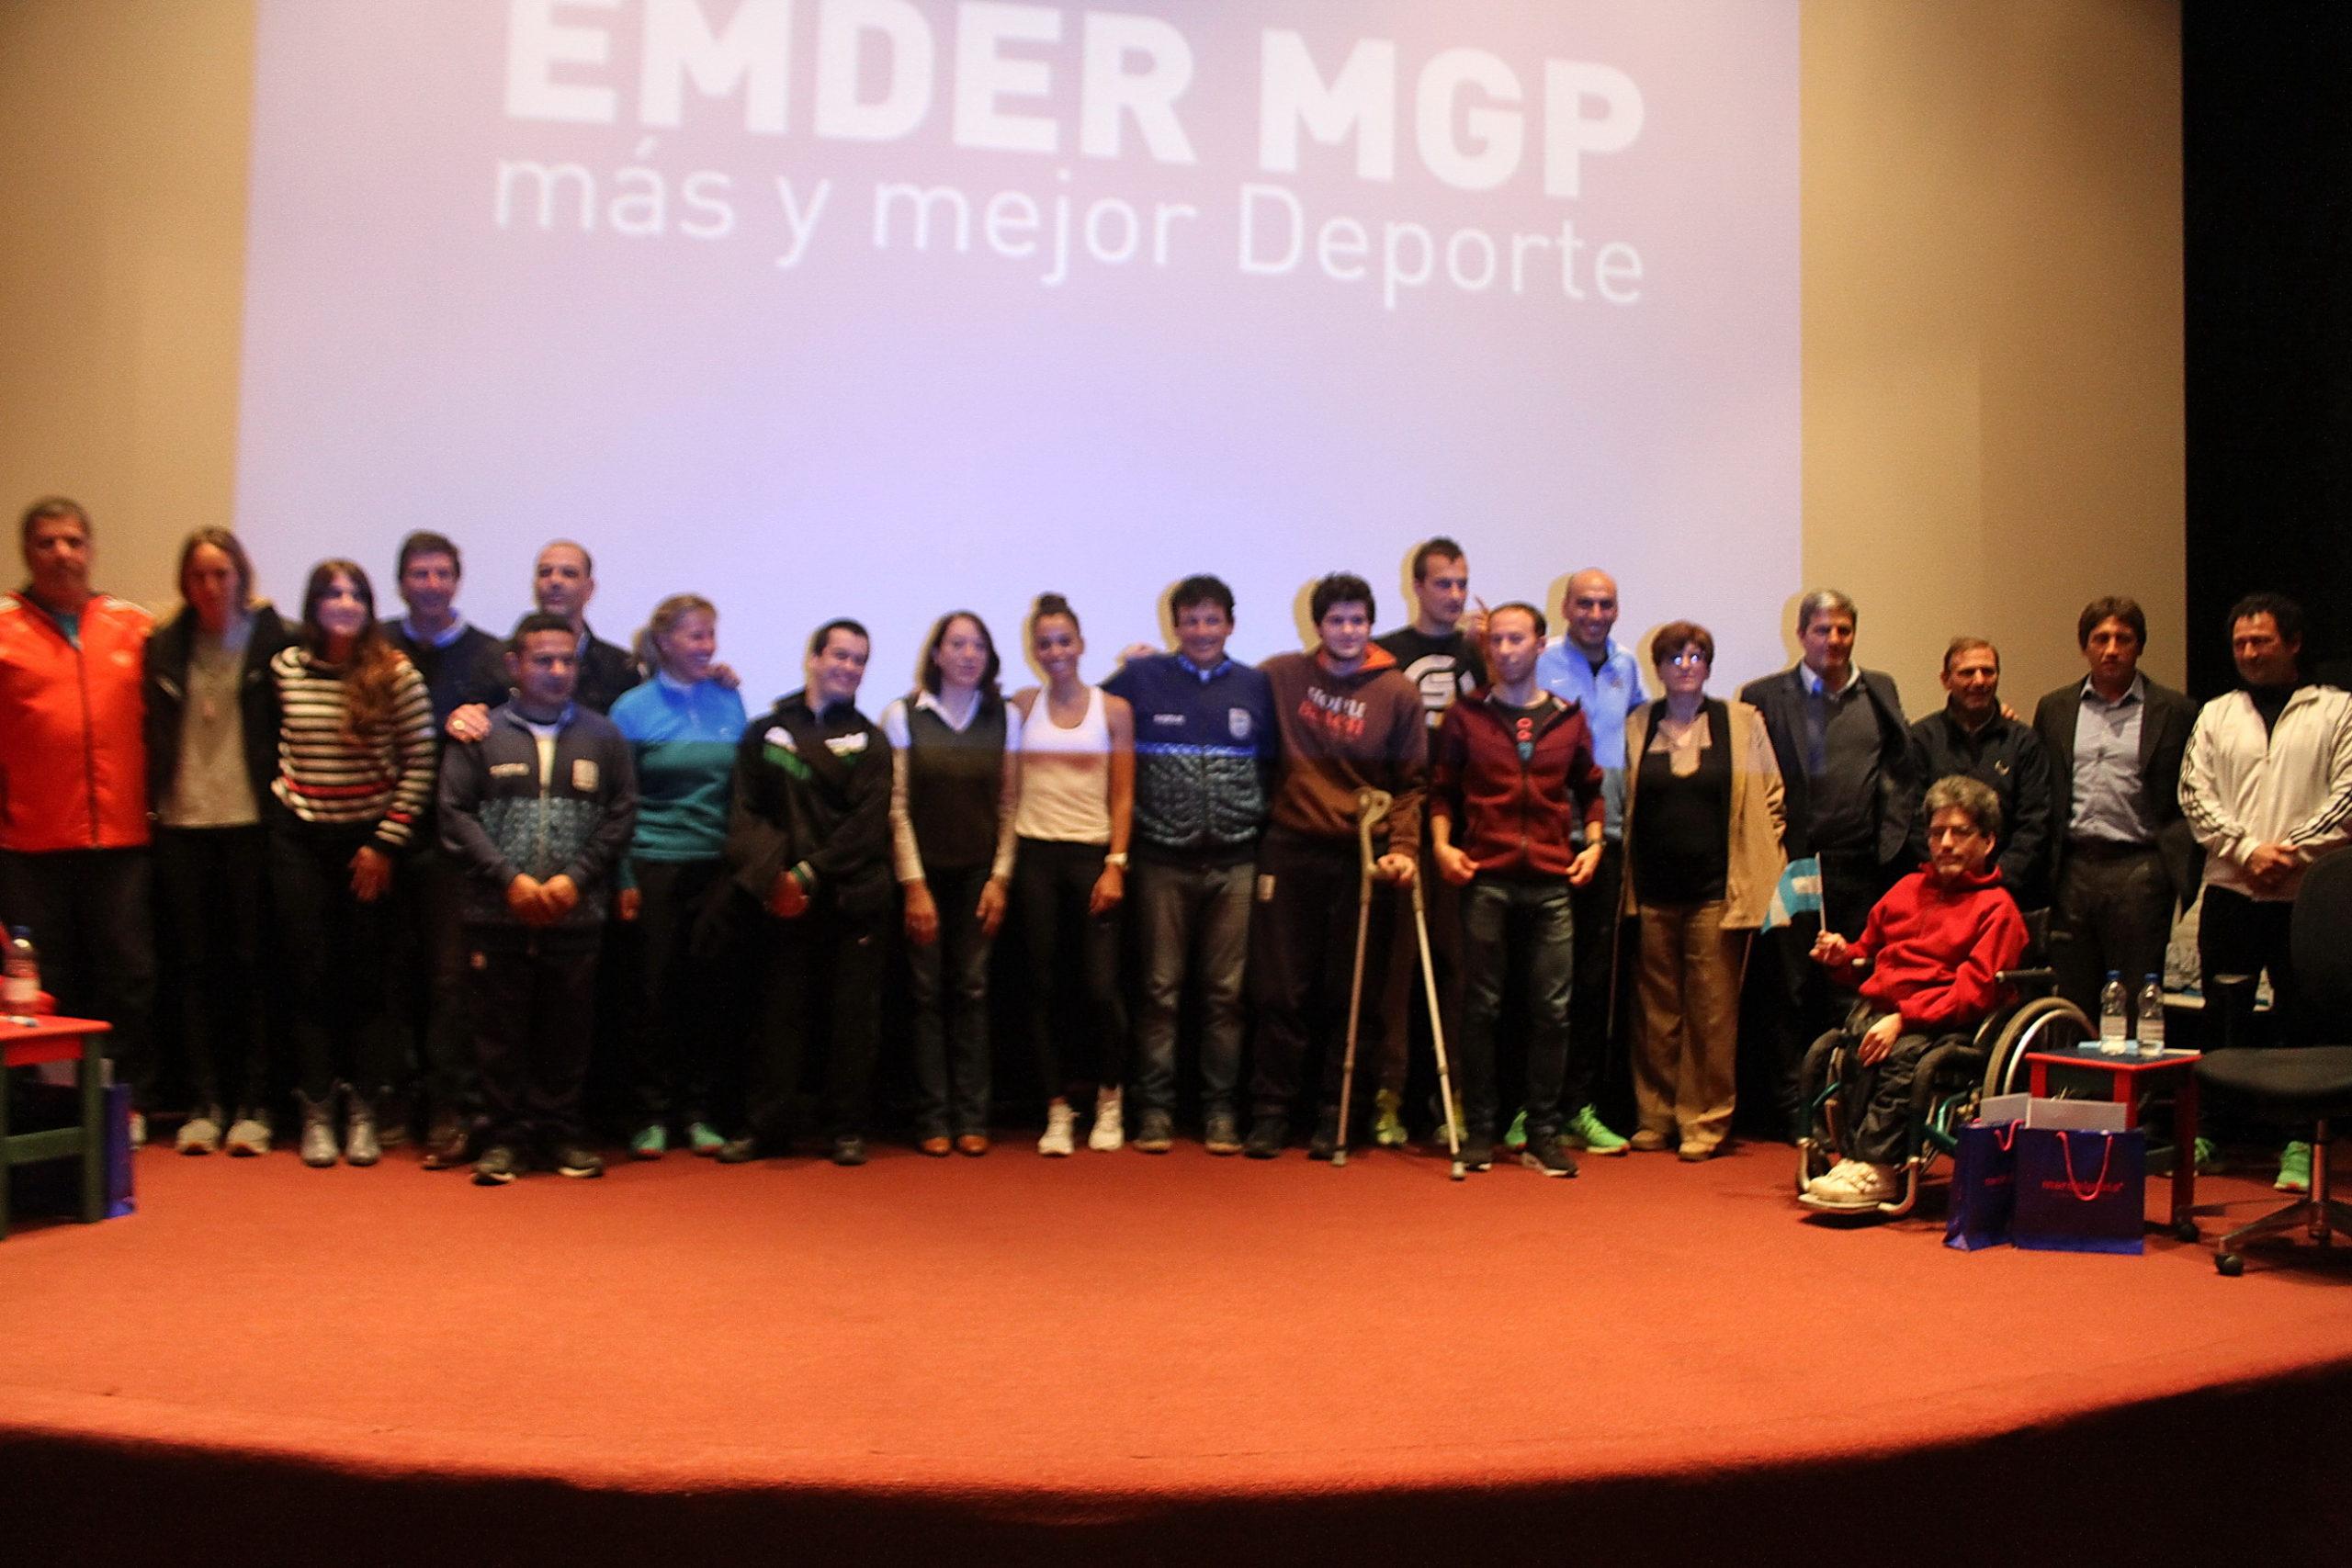 Los agasajados y los olímpìcos marplatenses sobre el escenario. (Foto: Prensa EMDER)